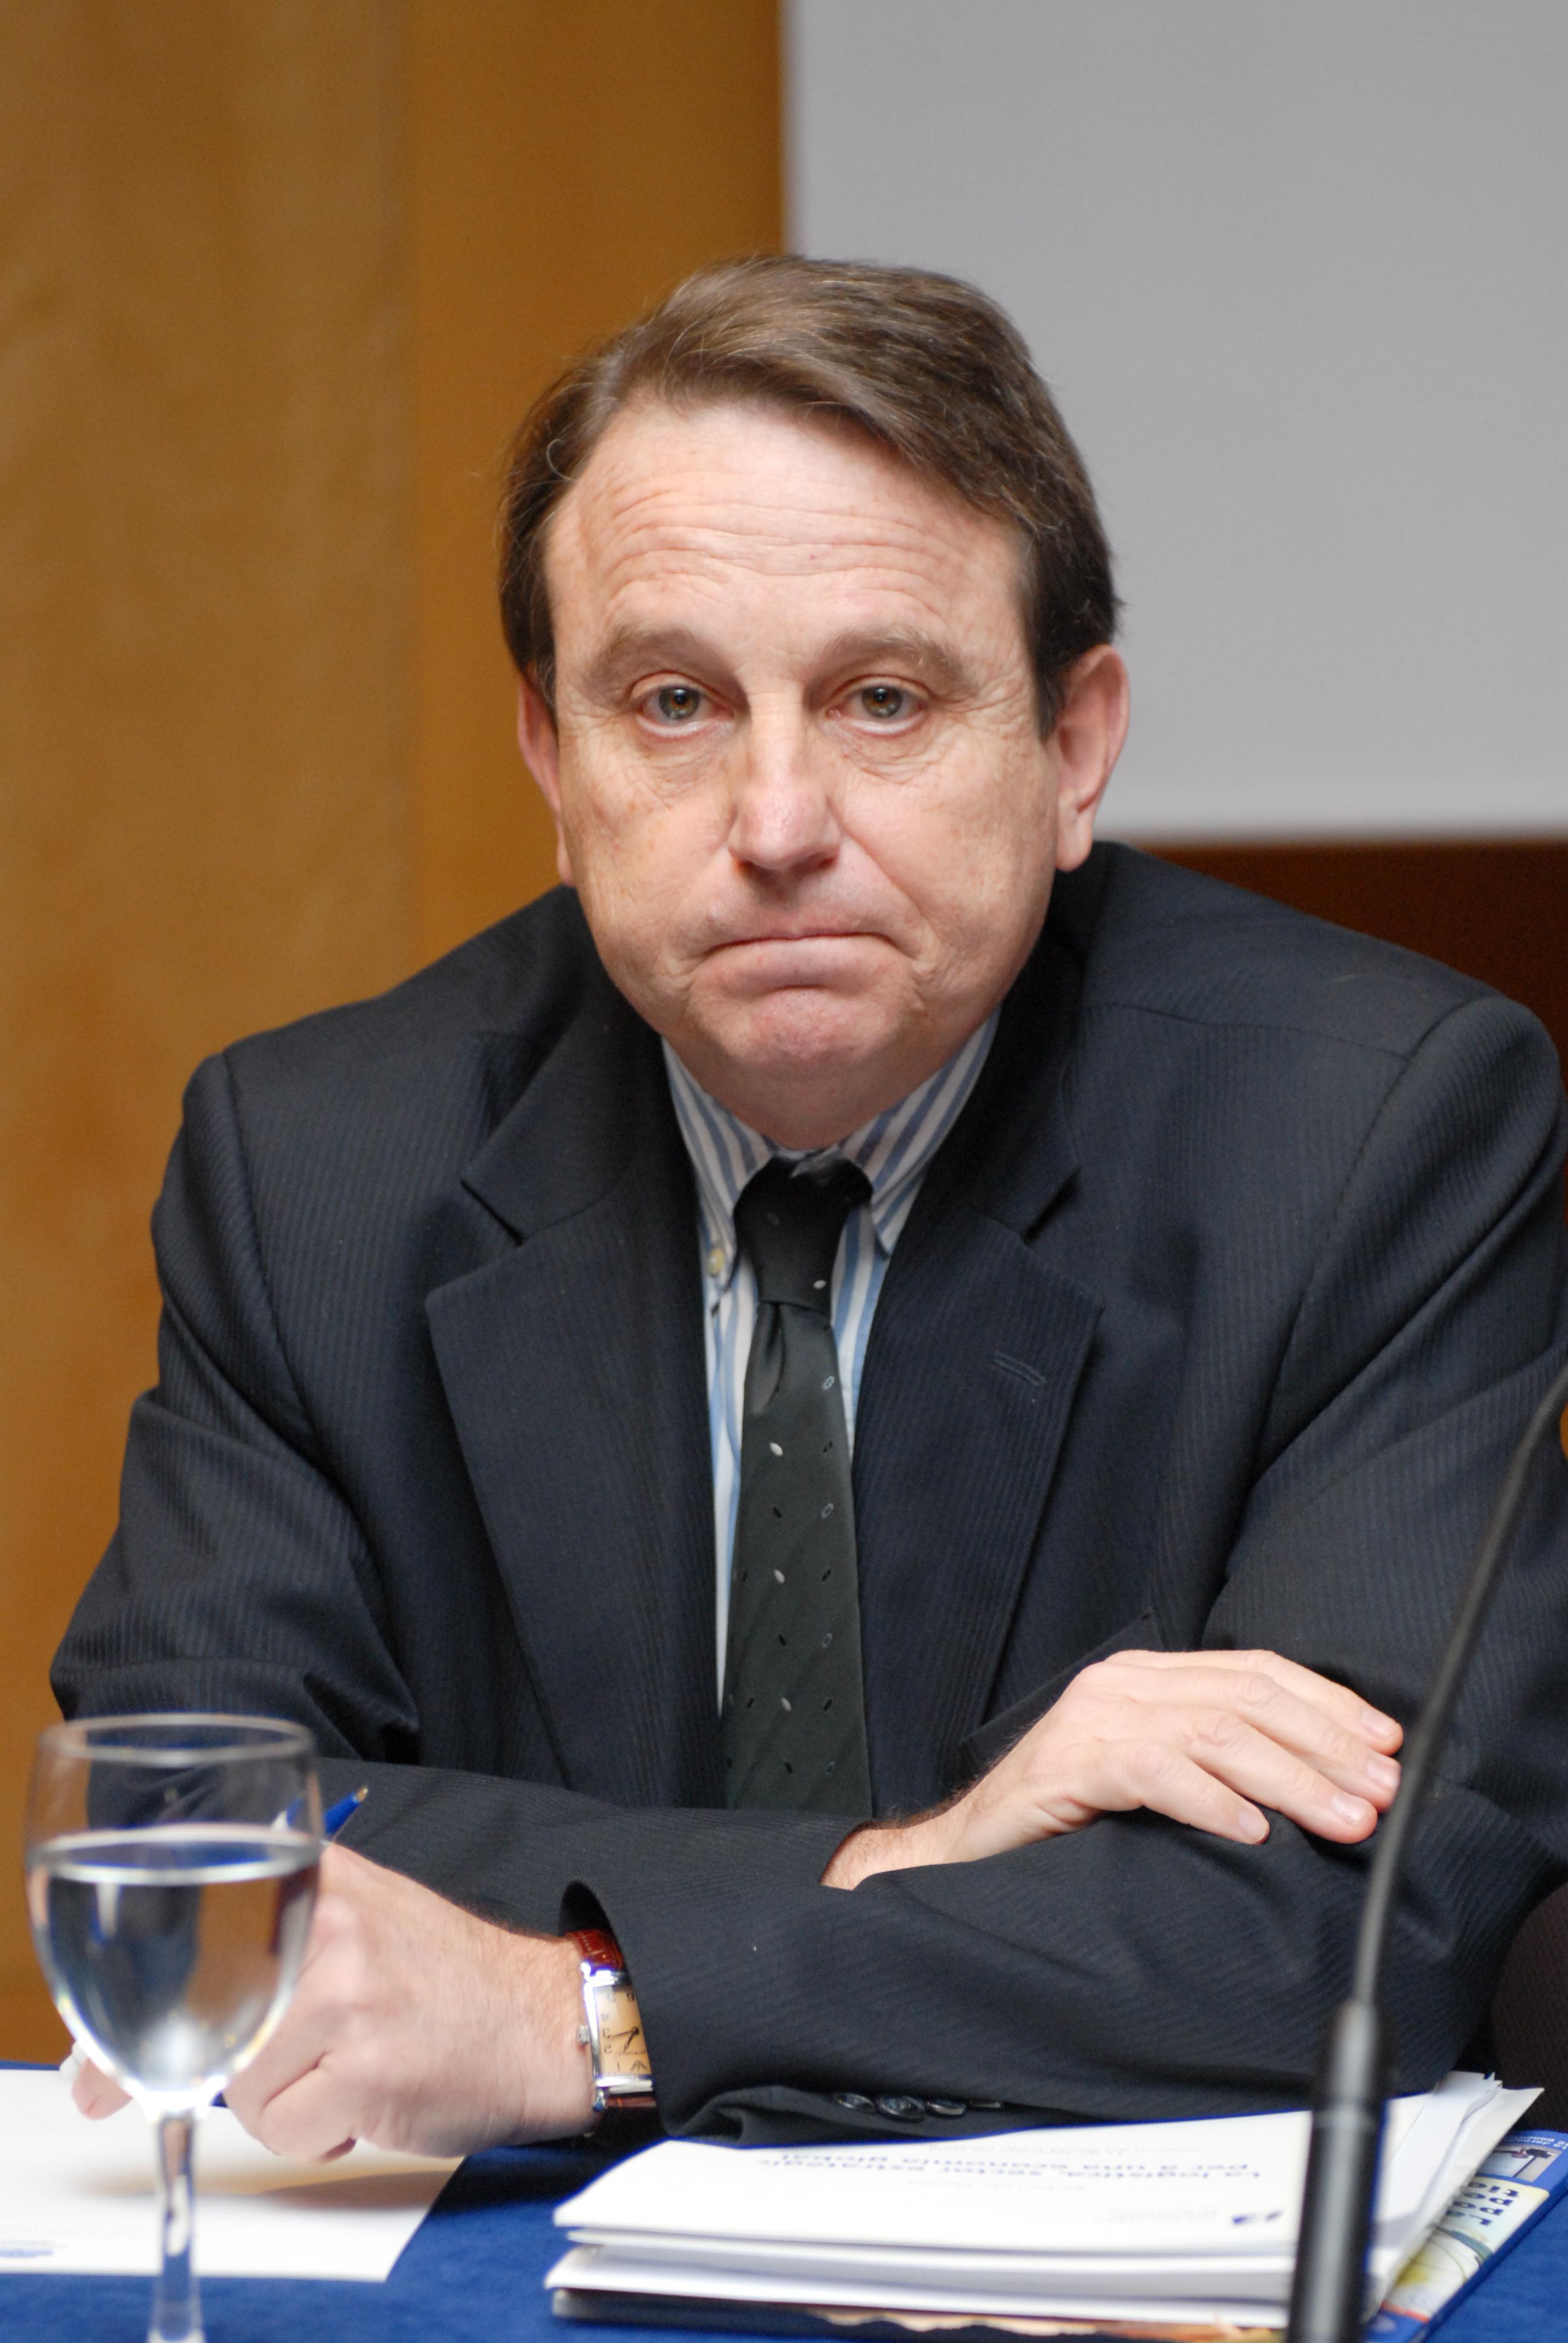 Santiago Bassols